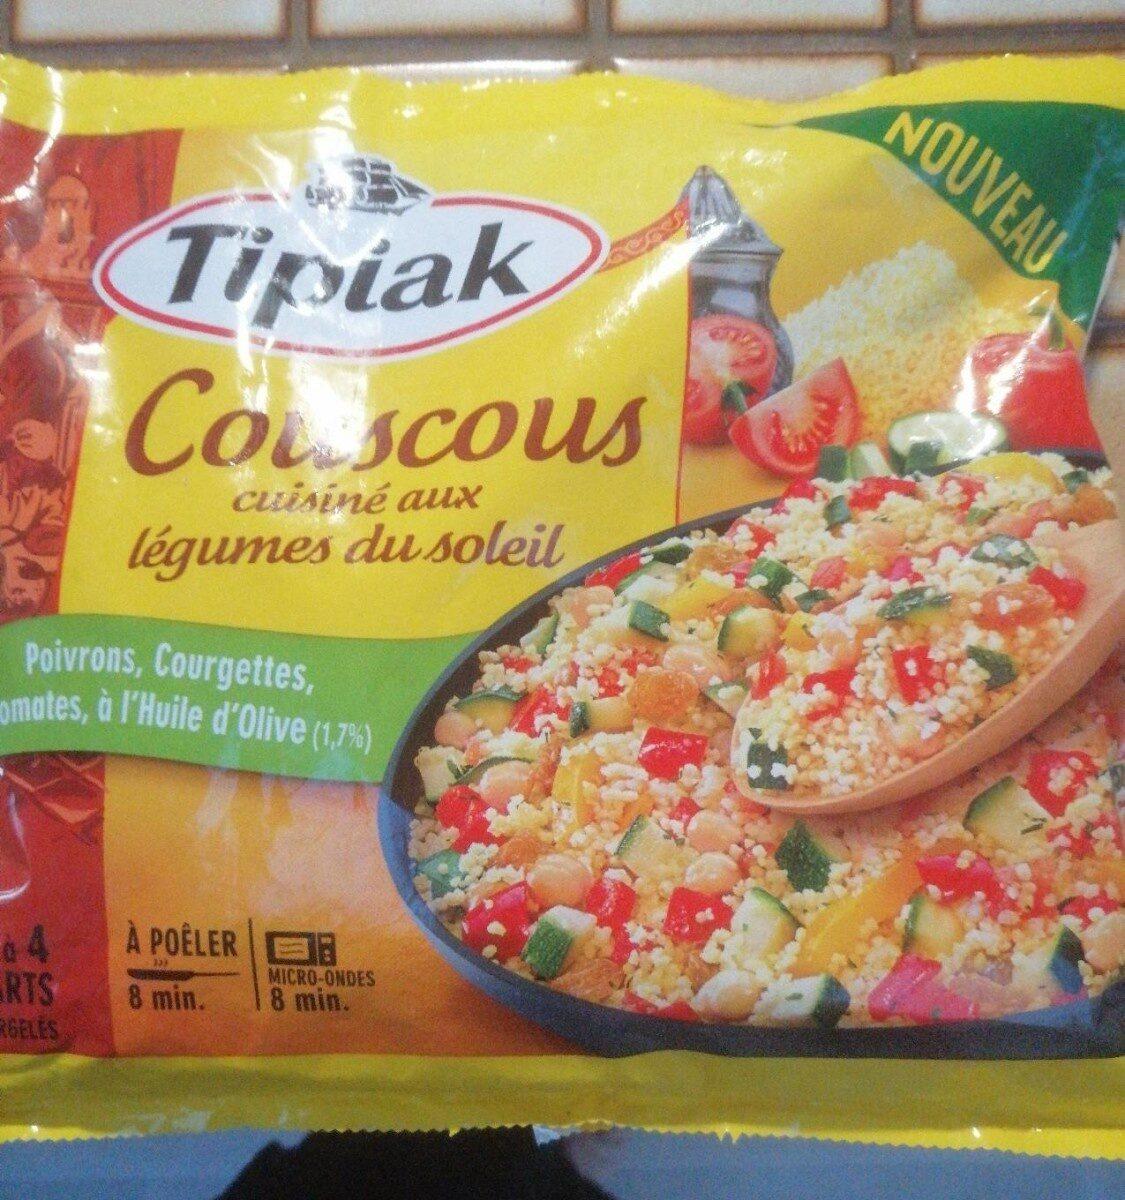 Couscous cuisines aux légumes du soleil - Prodotto - fr